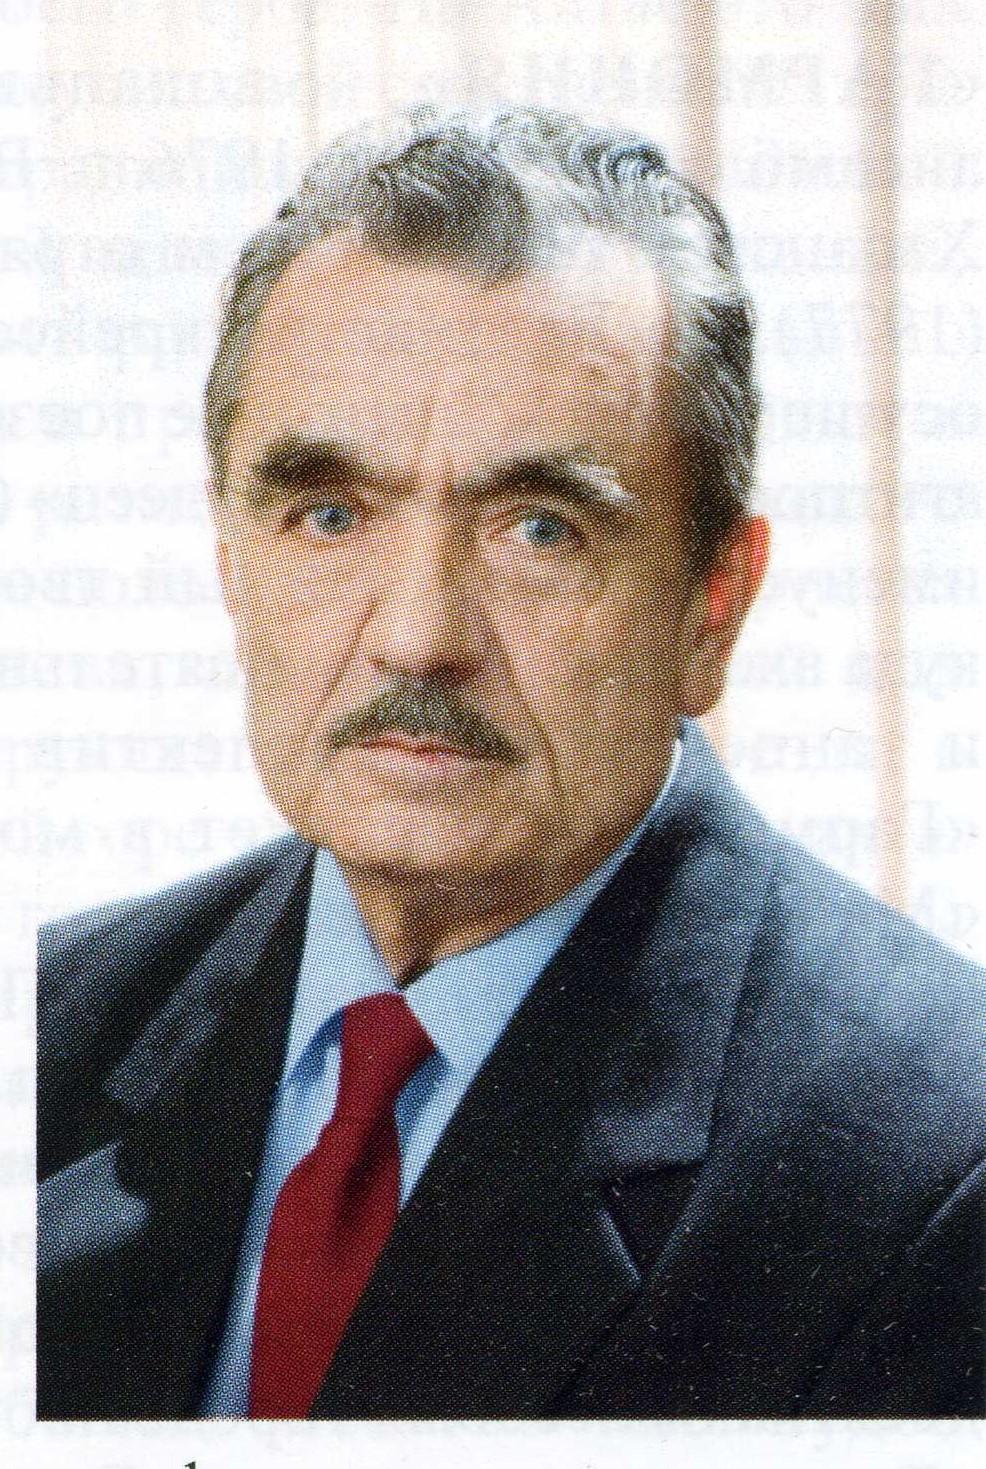 Гареев Гегель Амирович